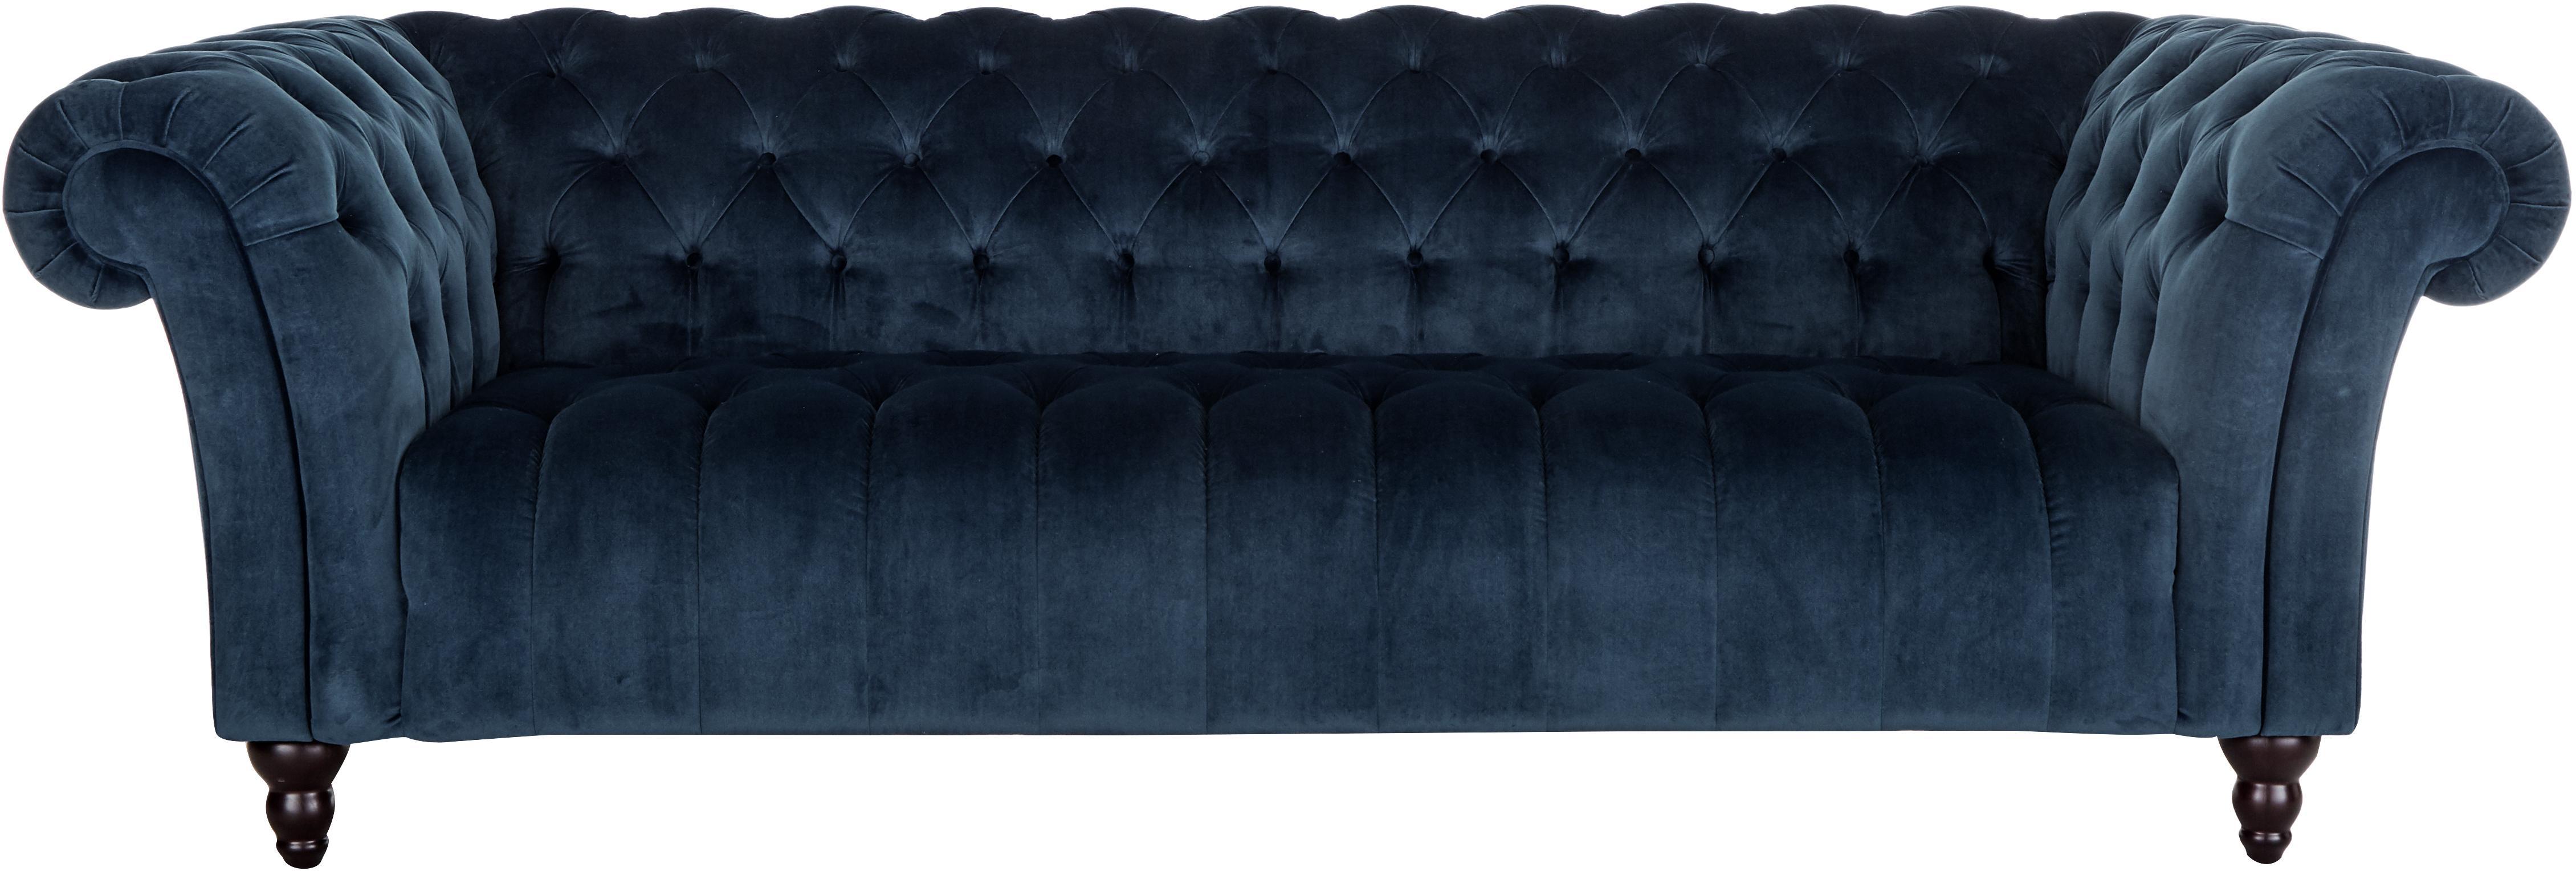 Fluwelen chesterfield bank Gladis (3-zits), Bekleding: 100% polyester, Poten: gelakt eikenhout, Frame: houten basisframe, Donkerblauw, 230 x 74 cm